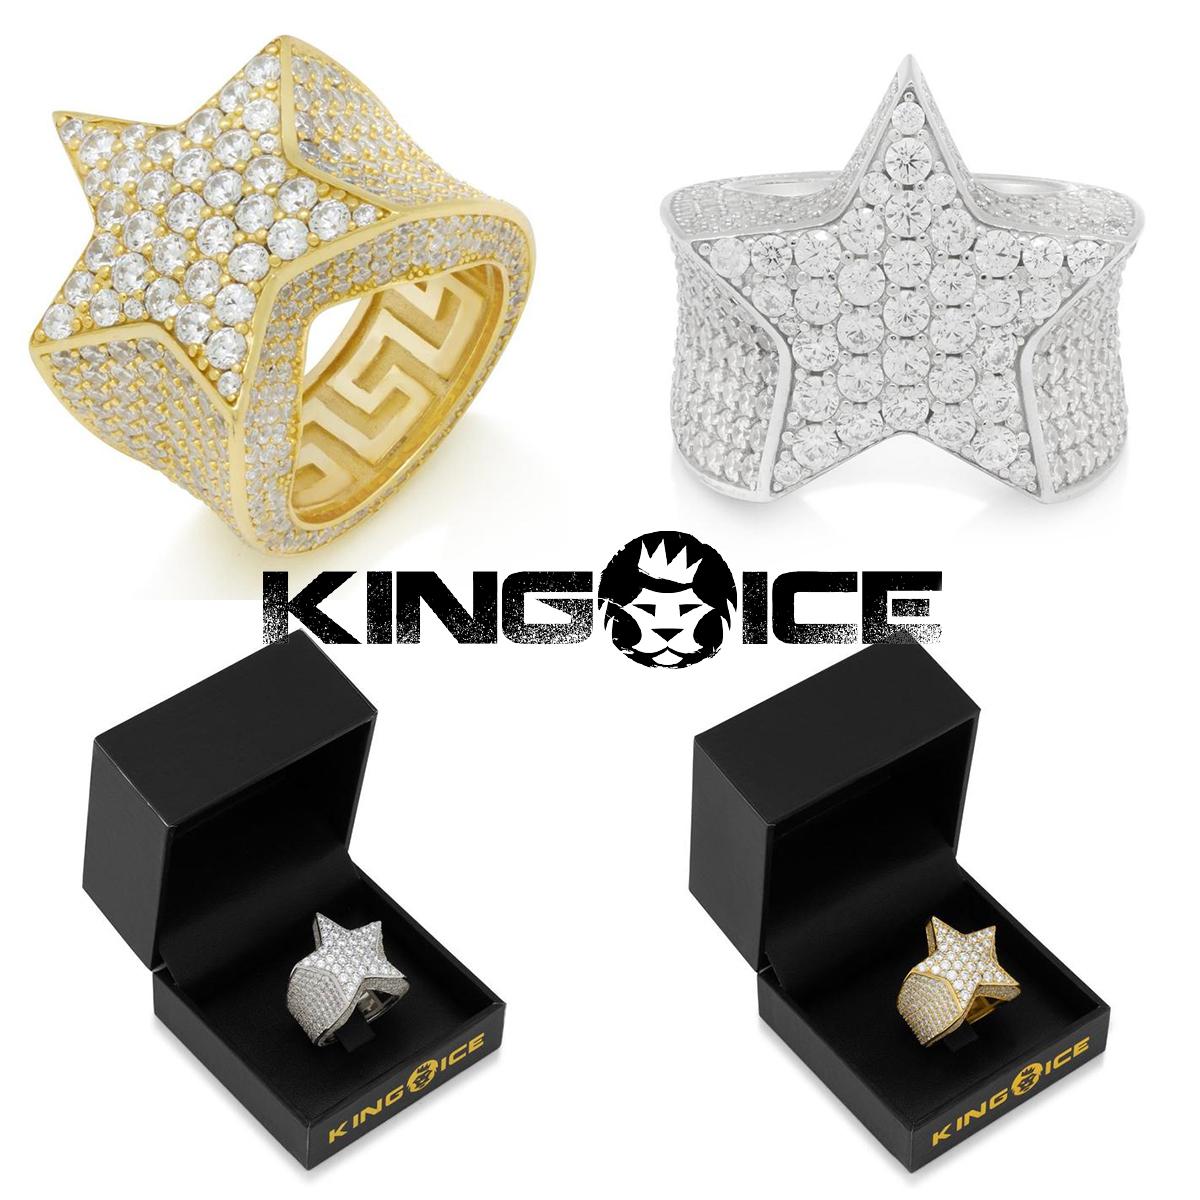 送料無料 KING ICE キングアイス 指輪 リング SHOOTING ふるさと割 STAR RING 金 定価の67%OFF メンズ ブランド GOLD WHITE 人気 14kゴールド アクセサリー